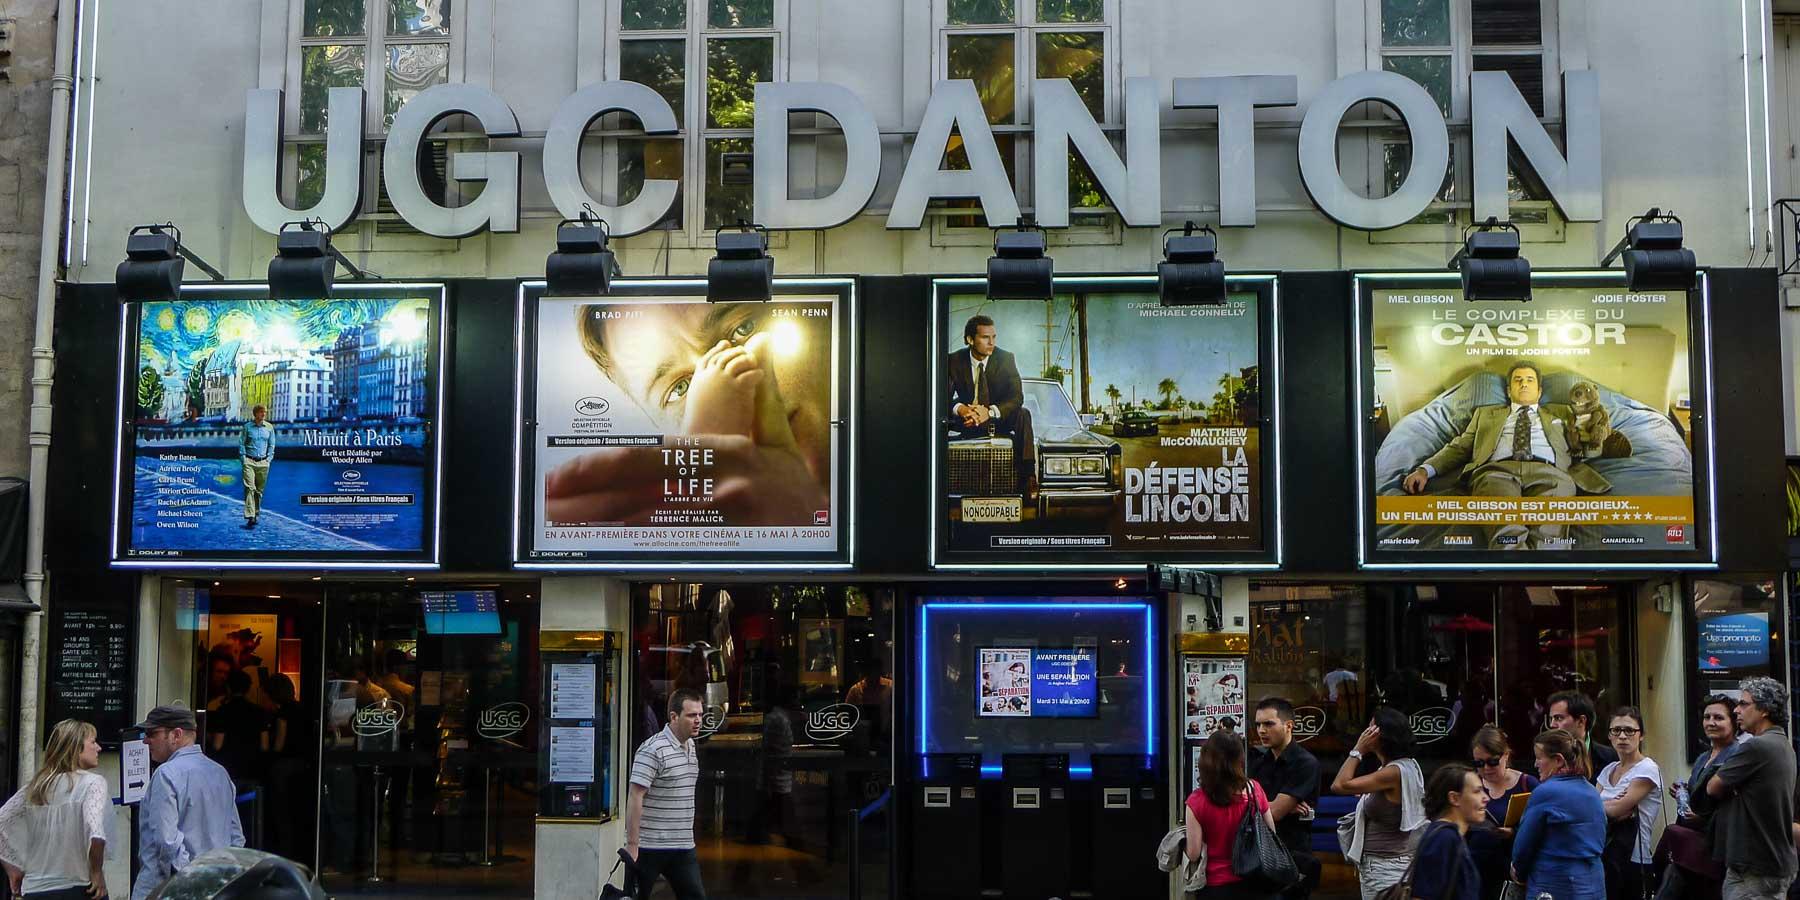 Front of UGC Danton theatre.